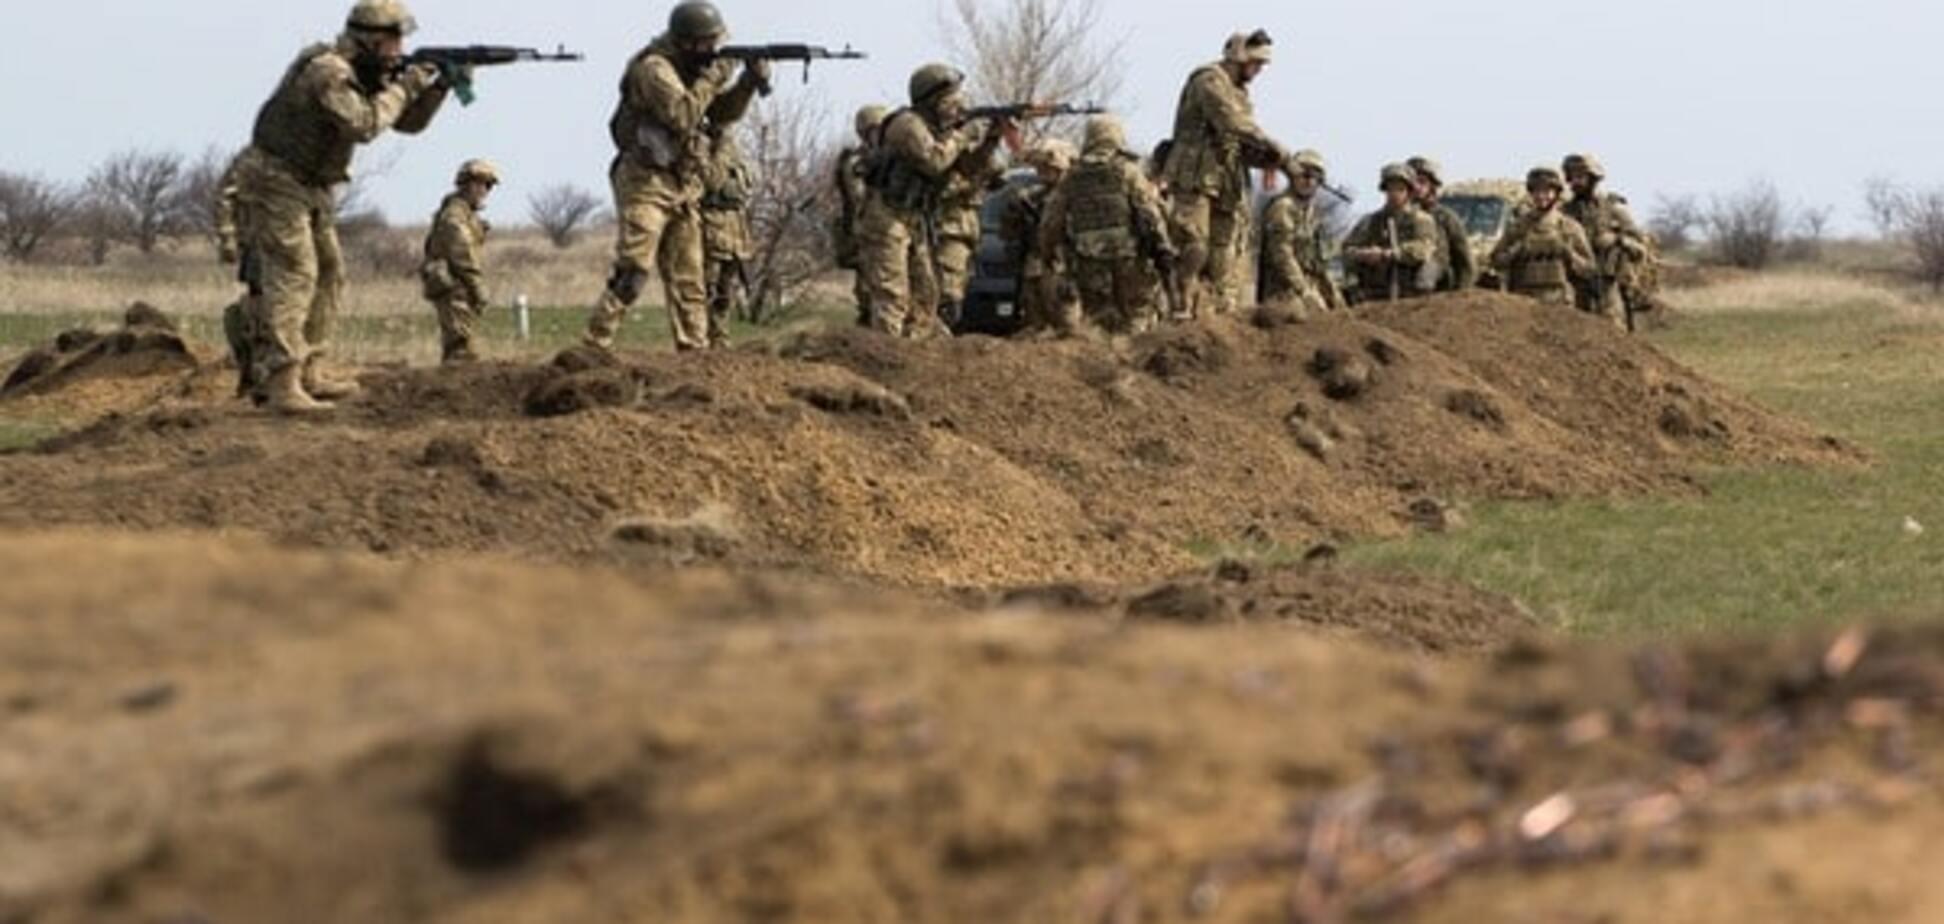 Ватажки 'ЛНР' побачили в рядах сил АТО 'турецьких терористів'